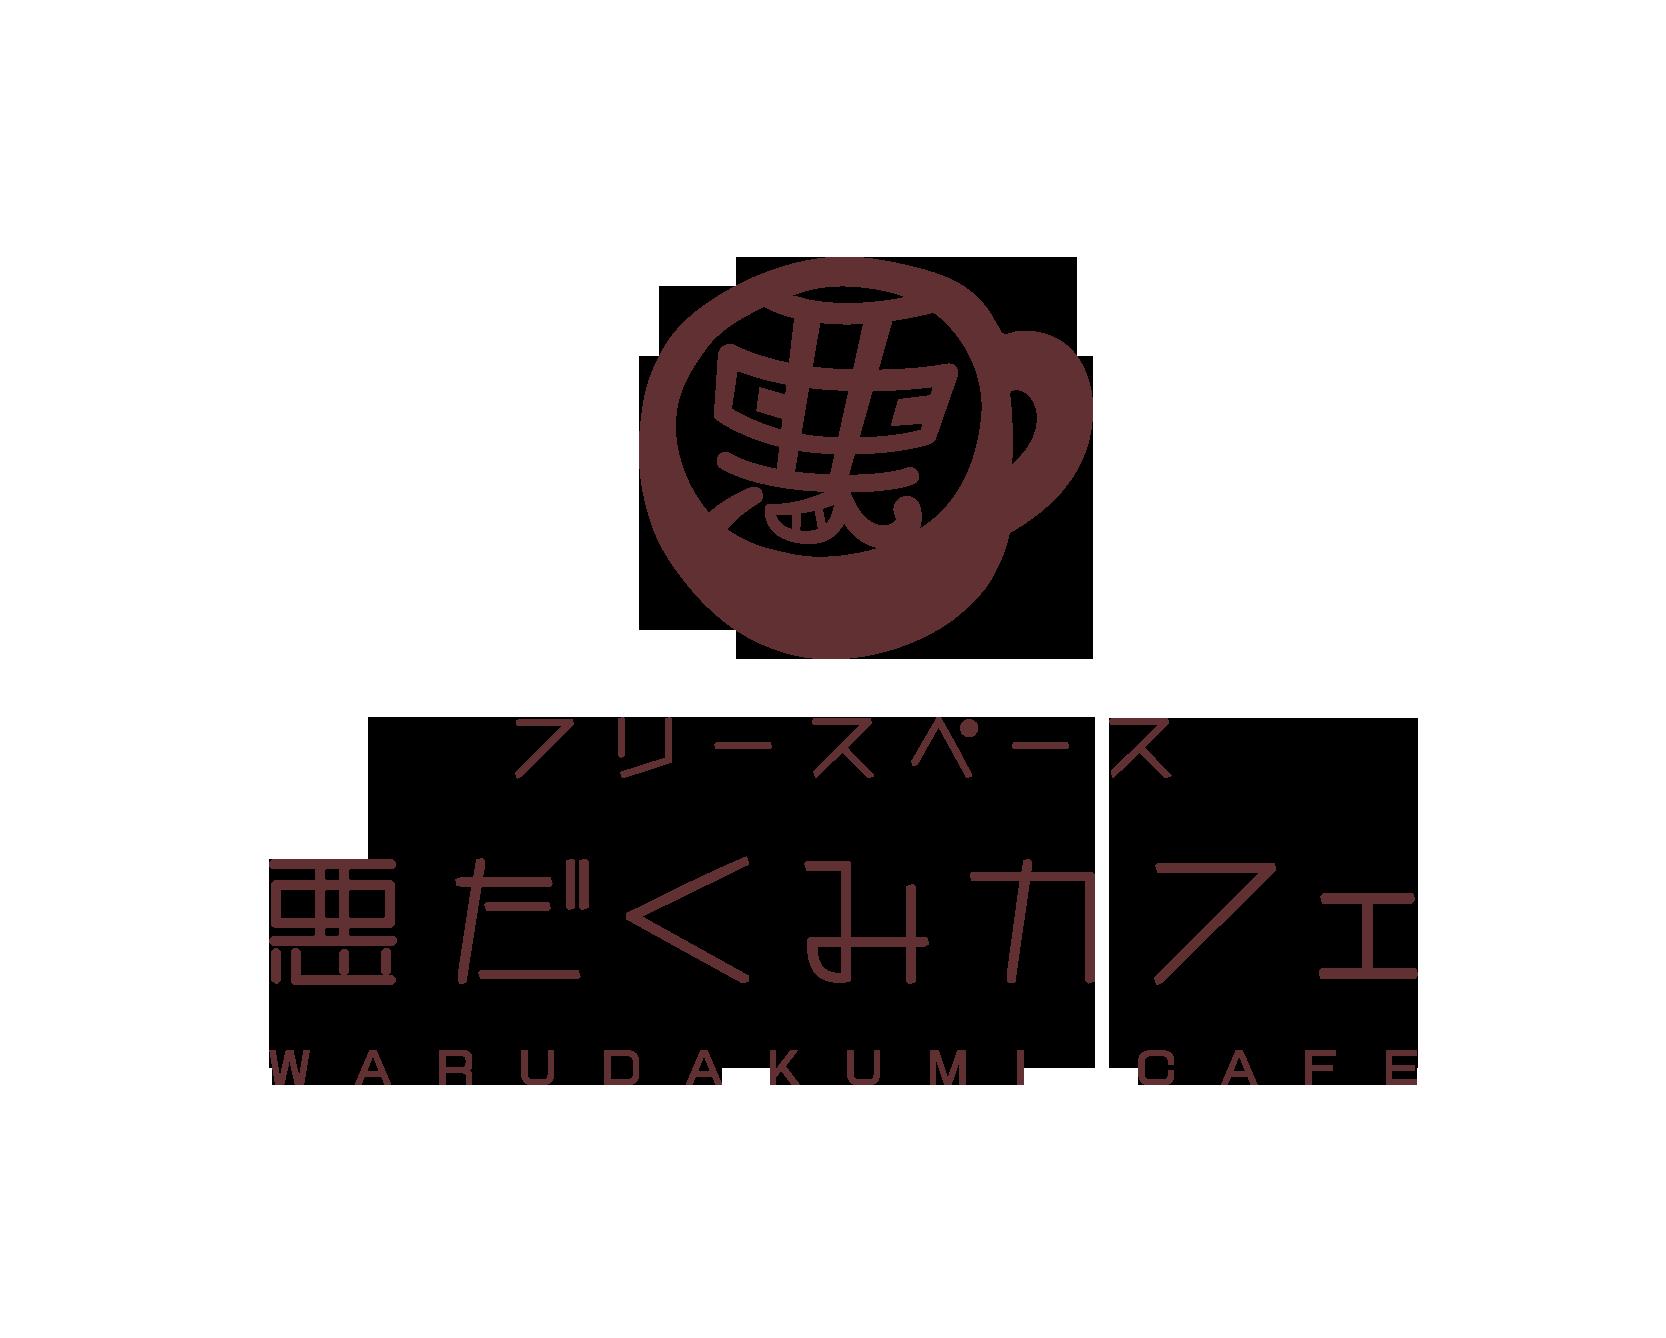 悪だくみカフェ様ロゴ